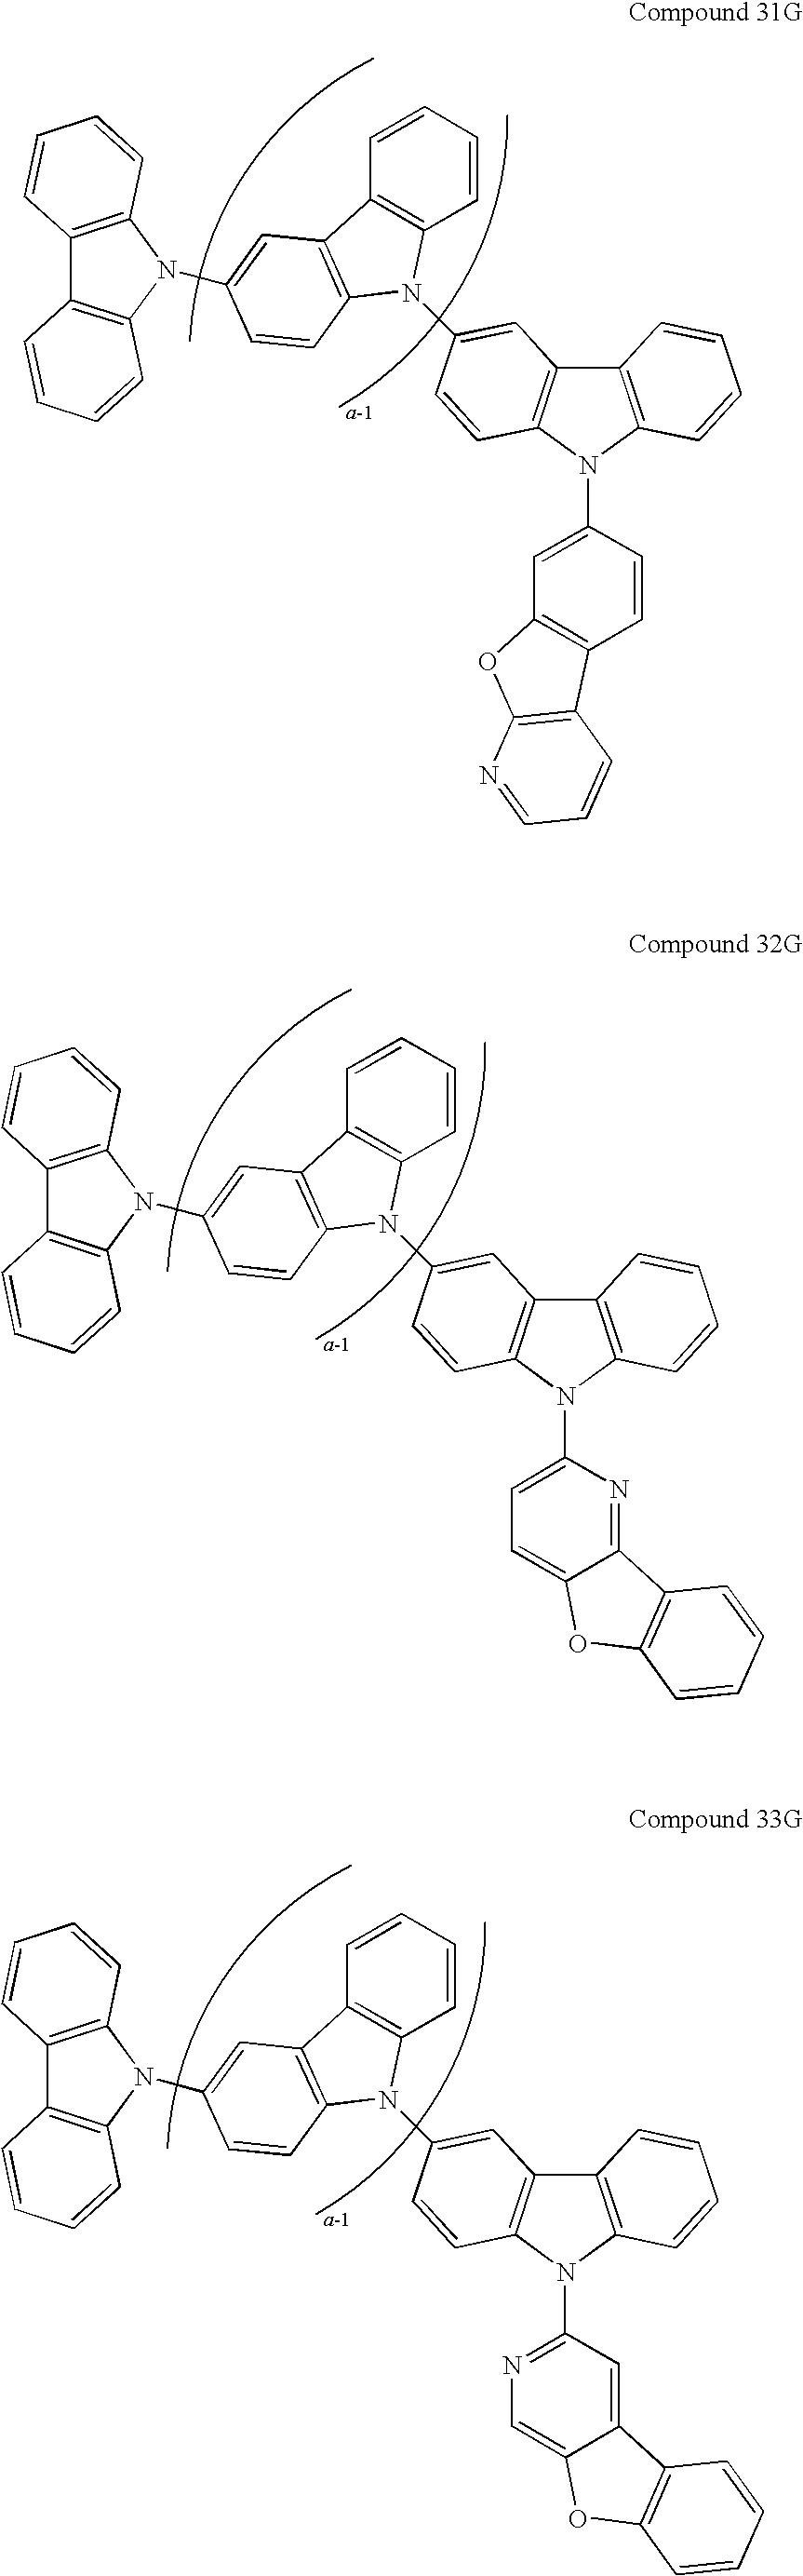 Figure US20090134784A1-20090528-C00154